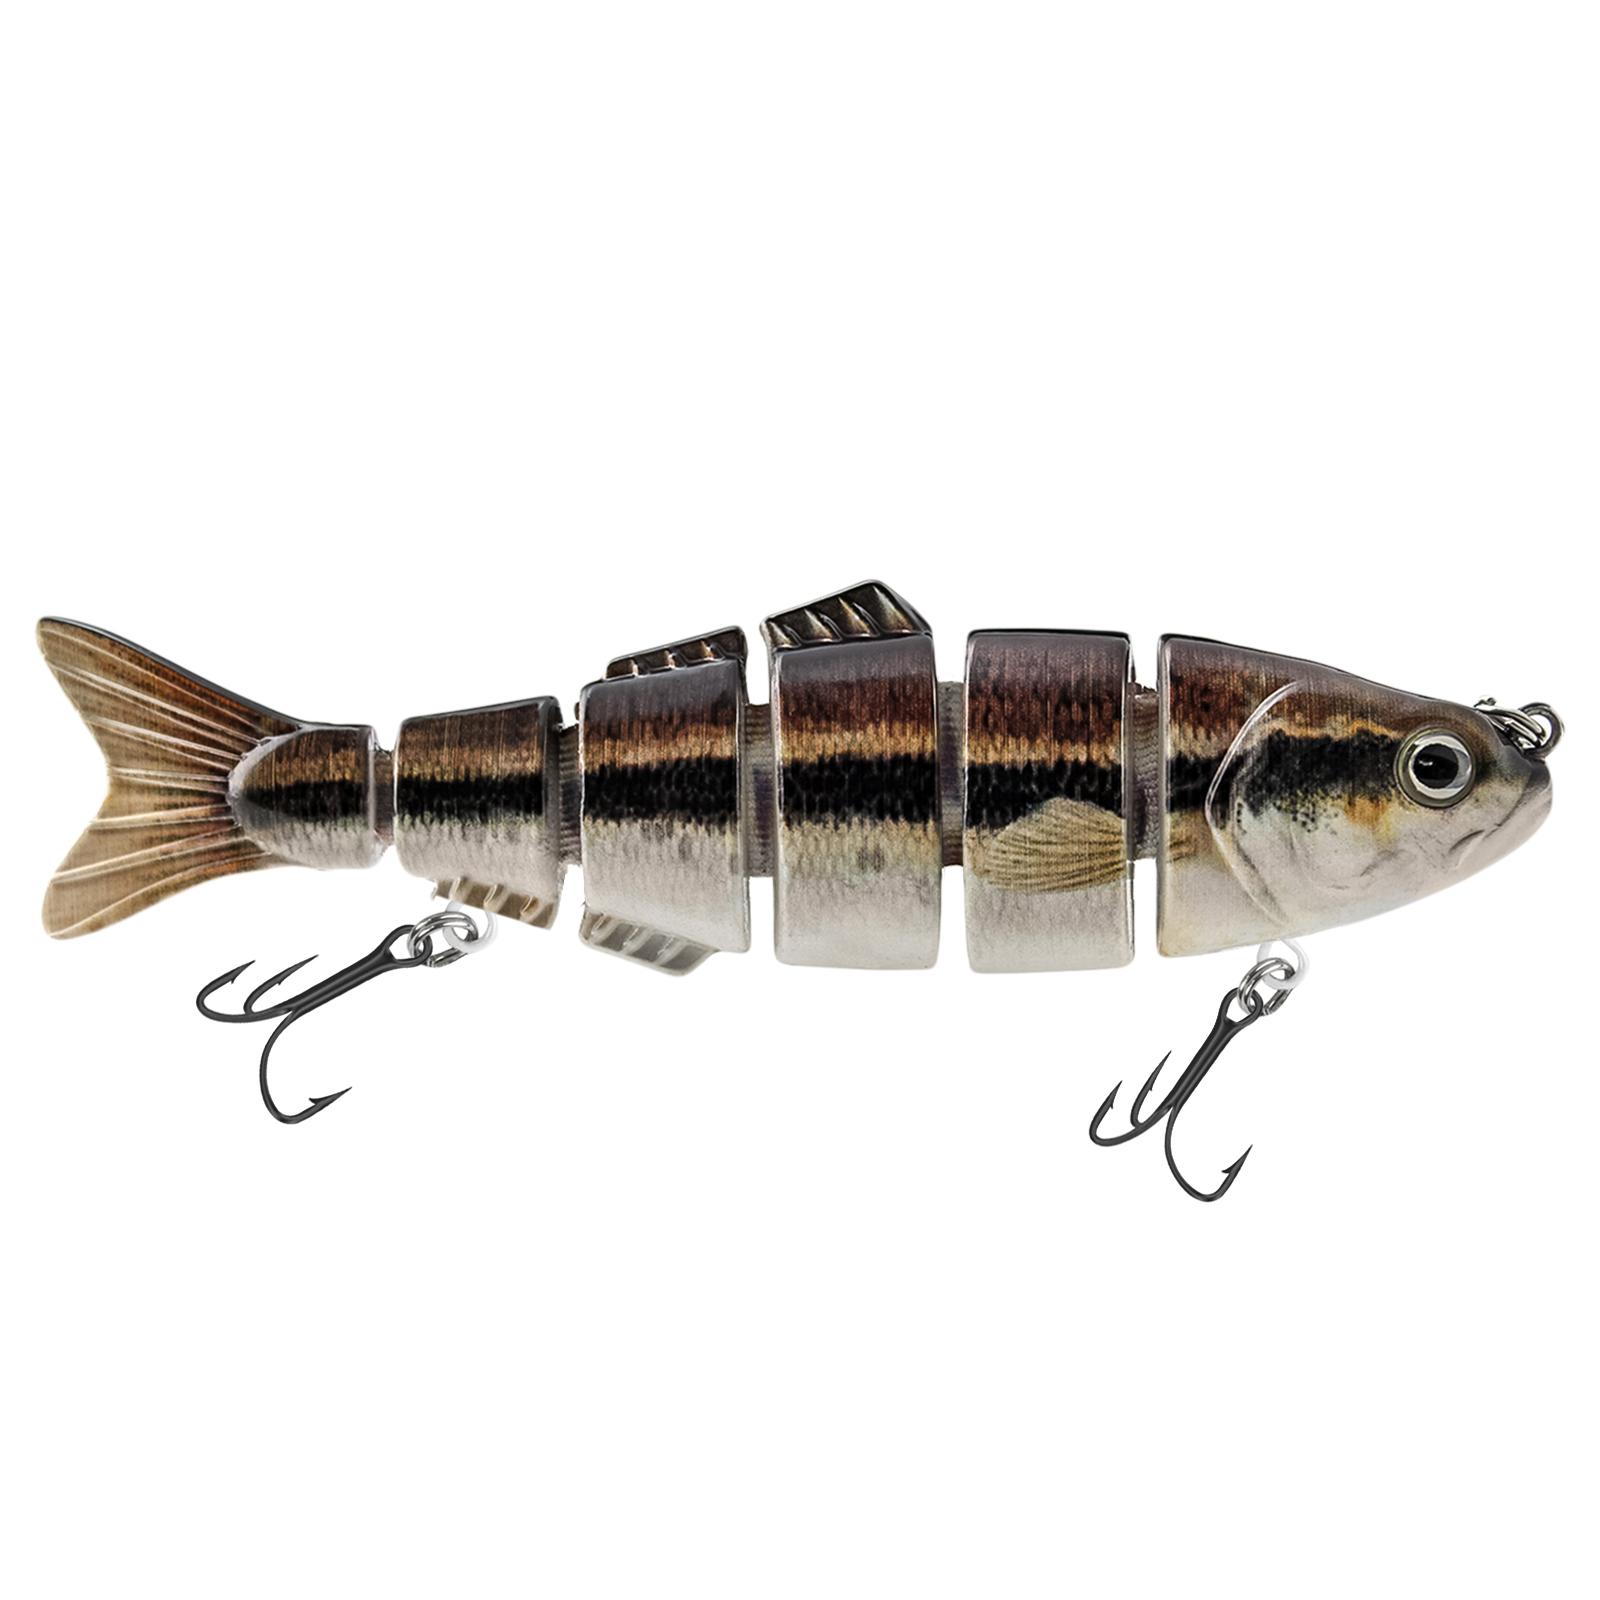 Metall Angelhaken Angelköder Kunstköder Fisch köder Fishing